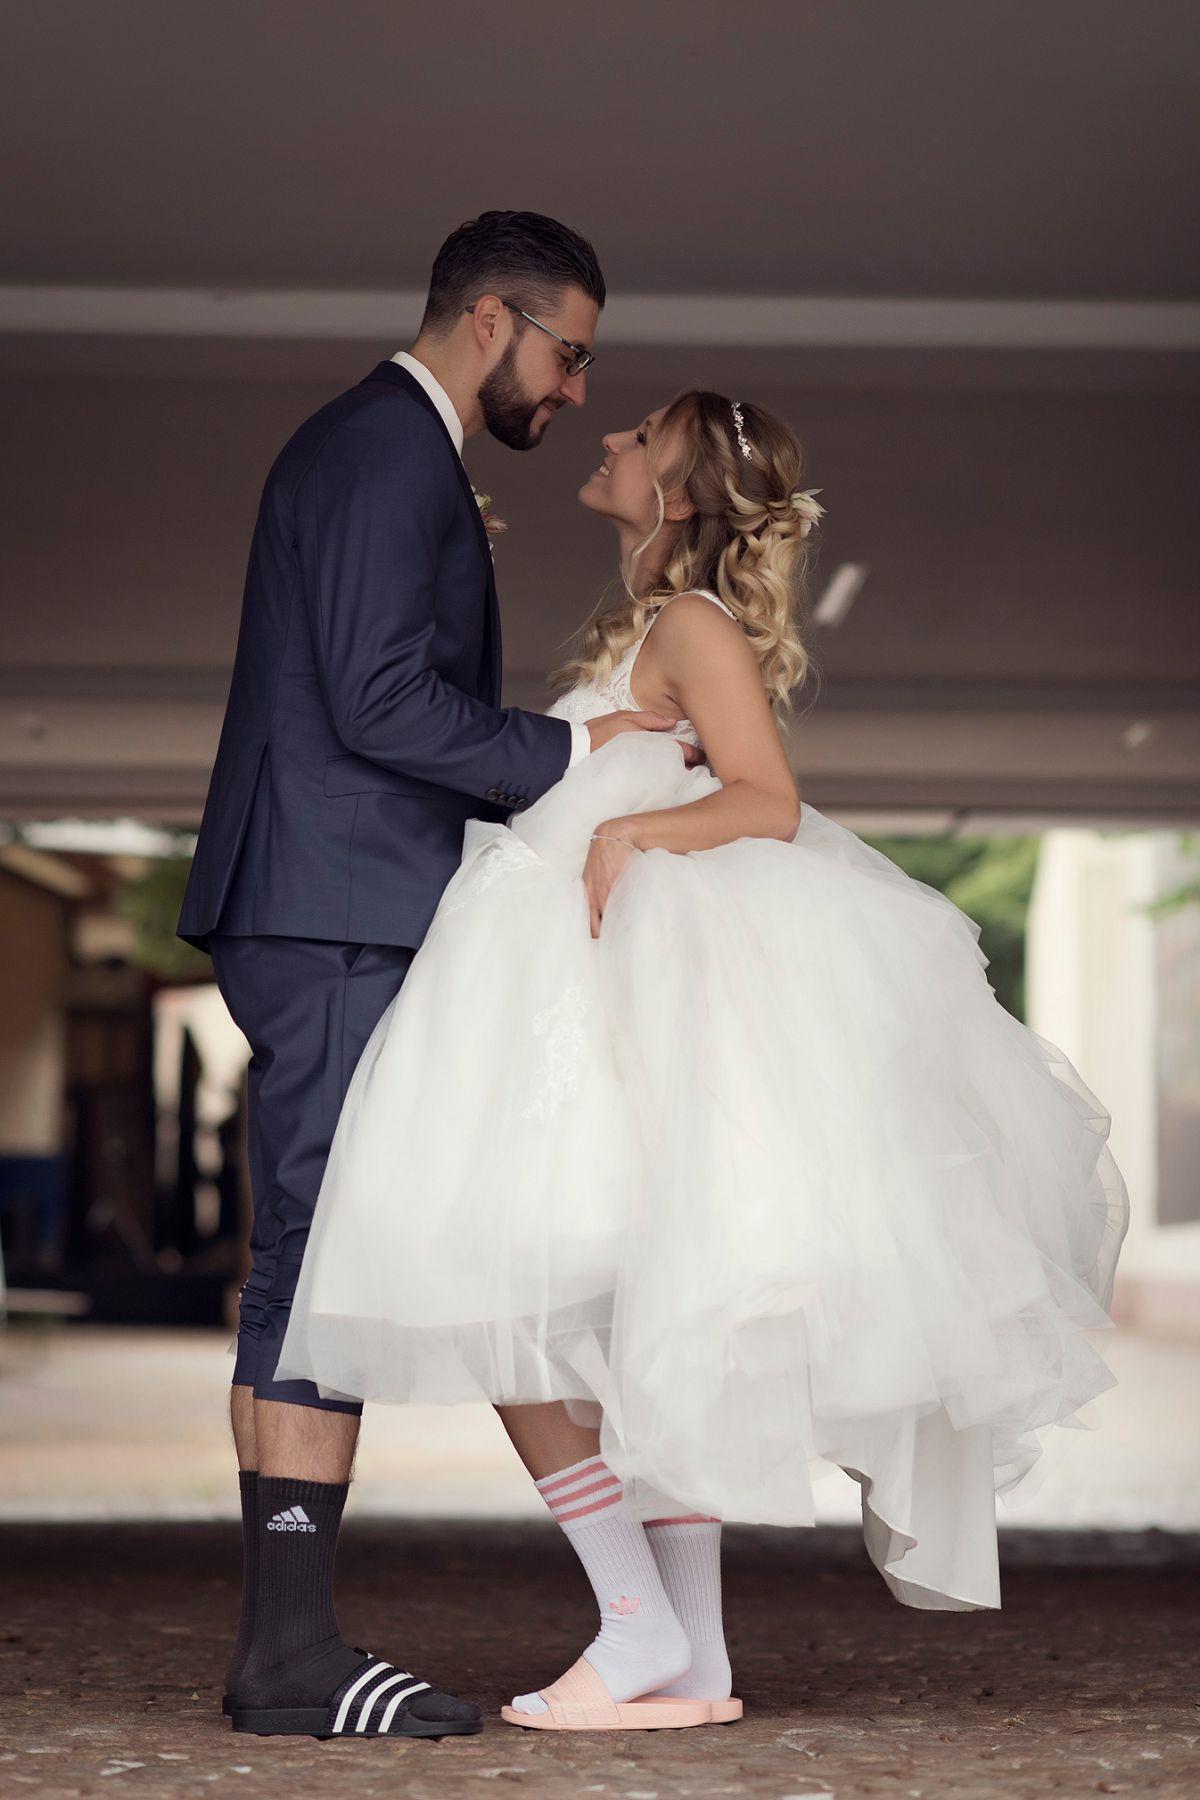 schloß heusenstamm hochzeitsfotograf hochzeit bilder heiraten in frankfurt hochzeitslocation handballer in adiletten lustig persönlich